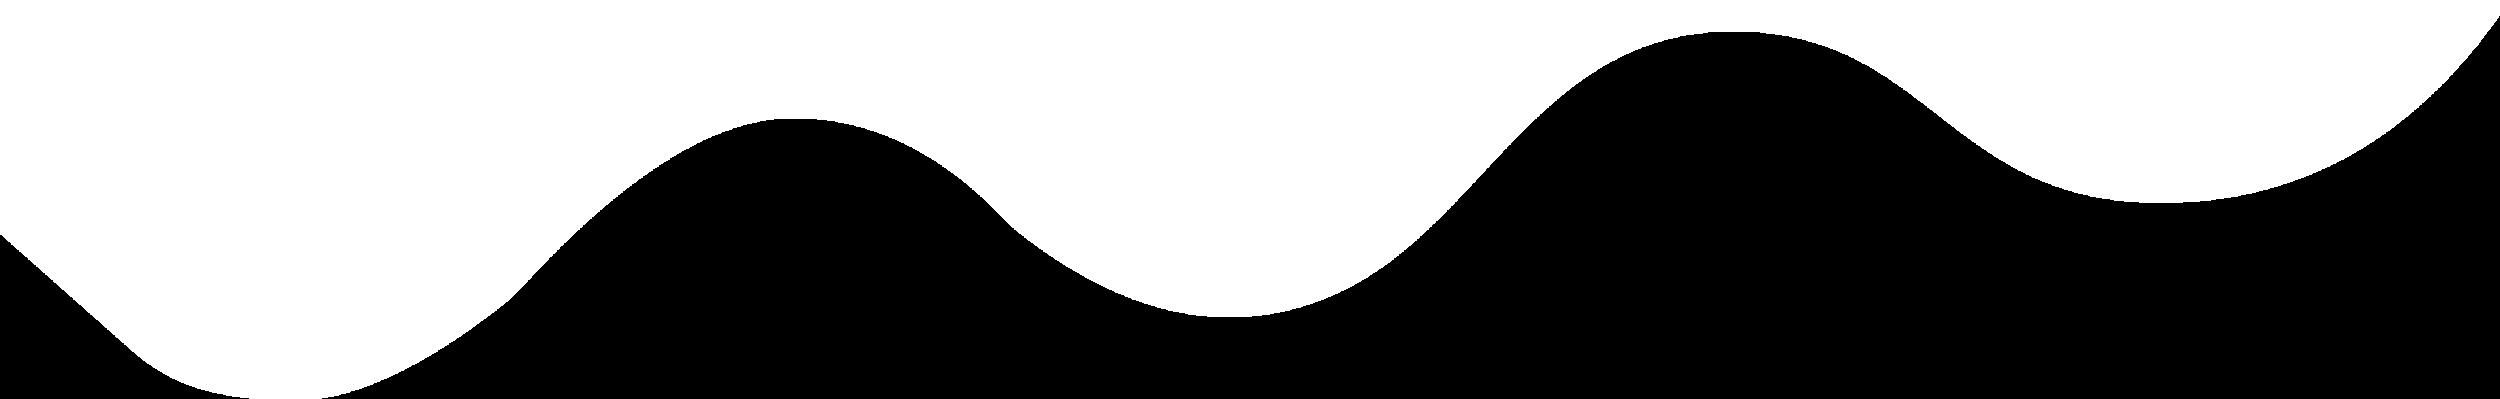 Wave Form - Left (Upside Down).png